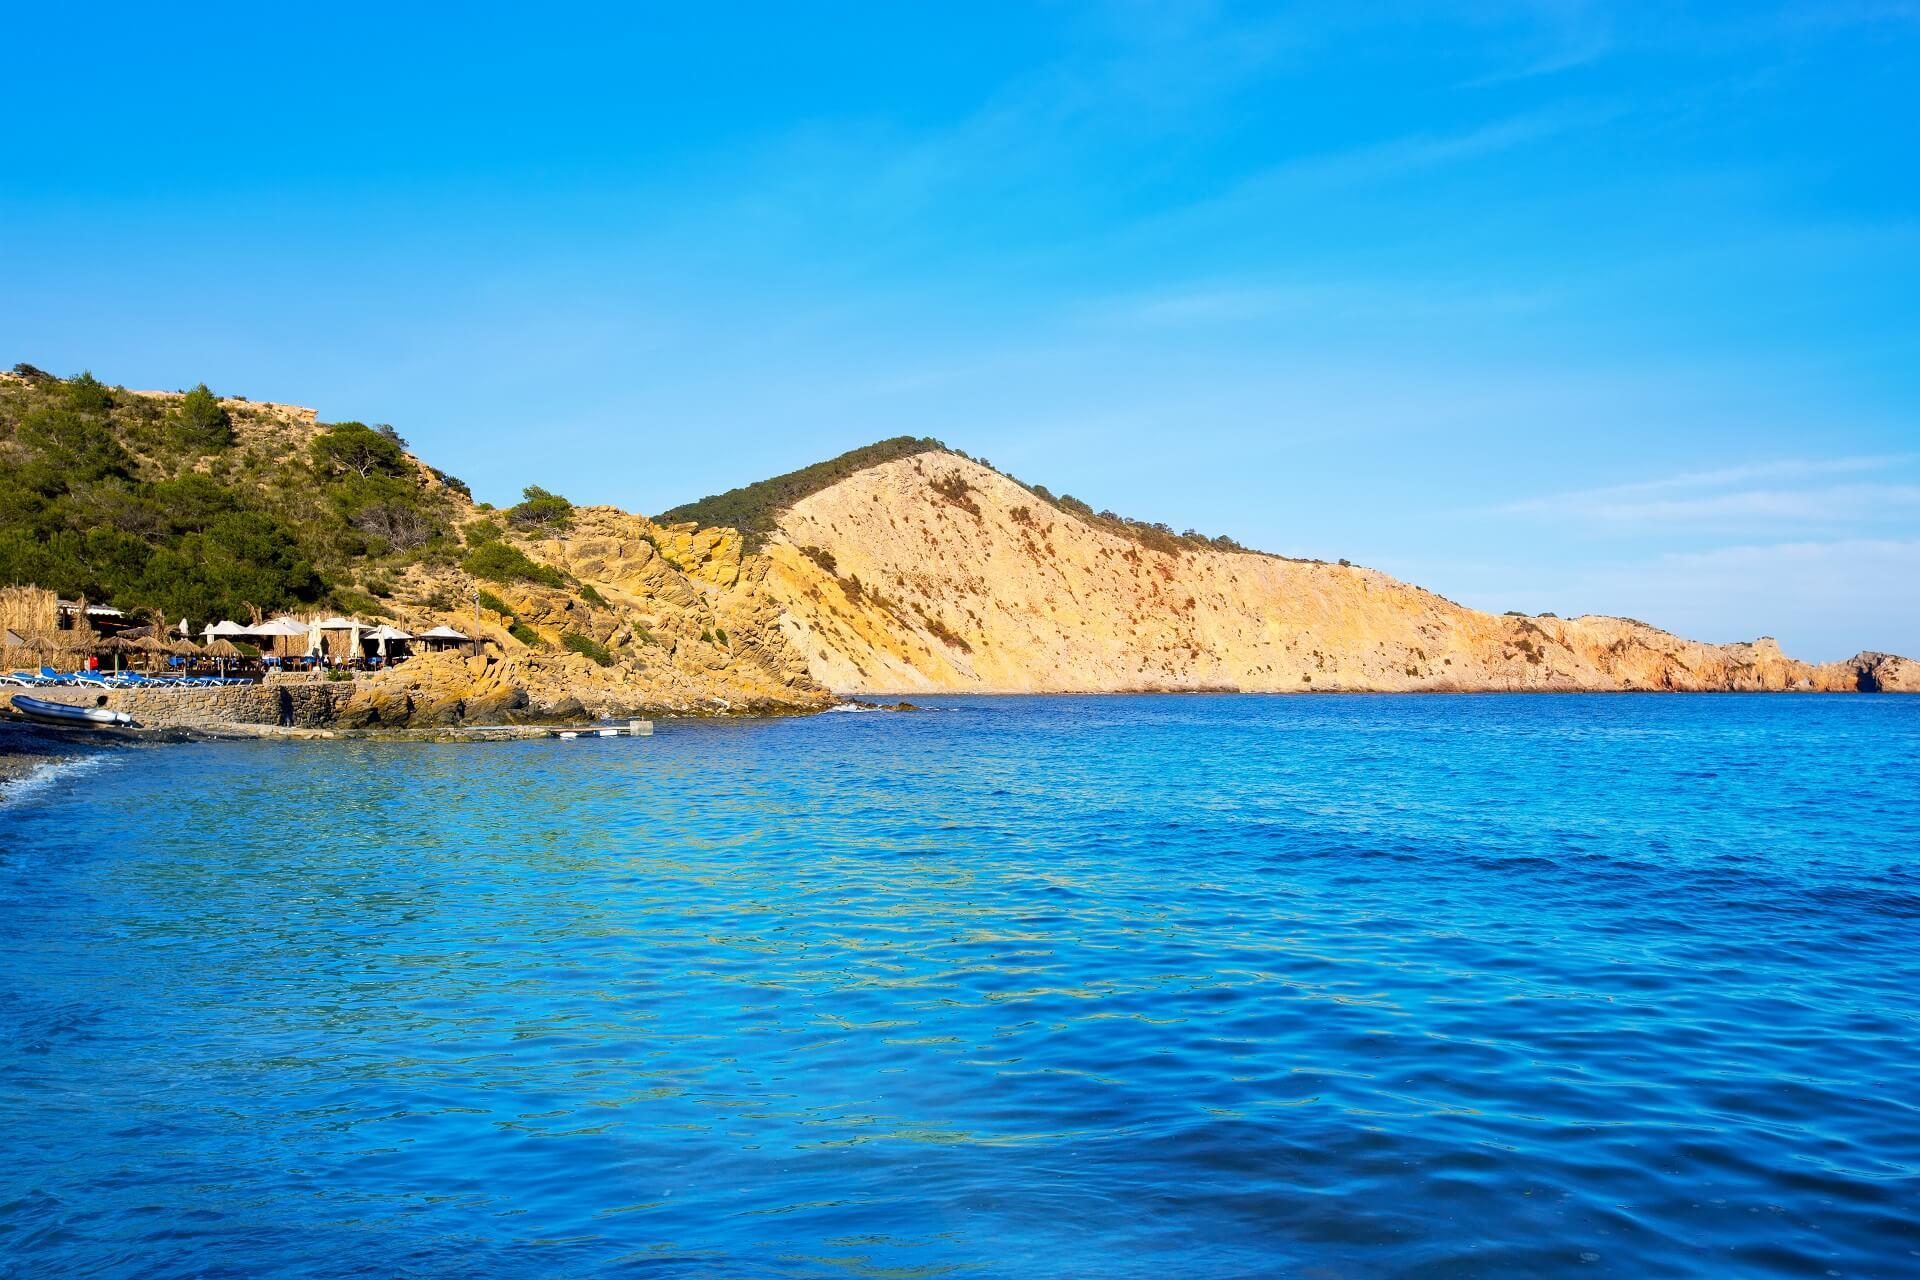 Der Strand Cale es Jondal auf Ibiza ist sehr beliebt